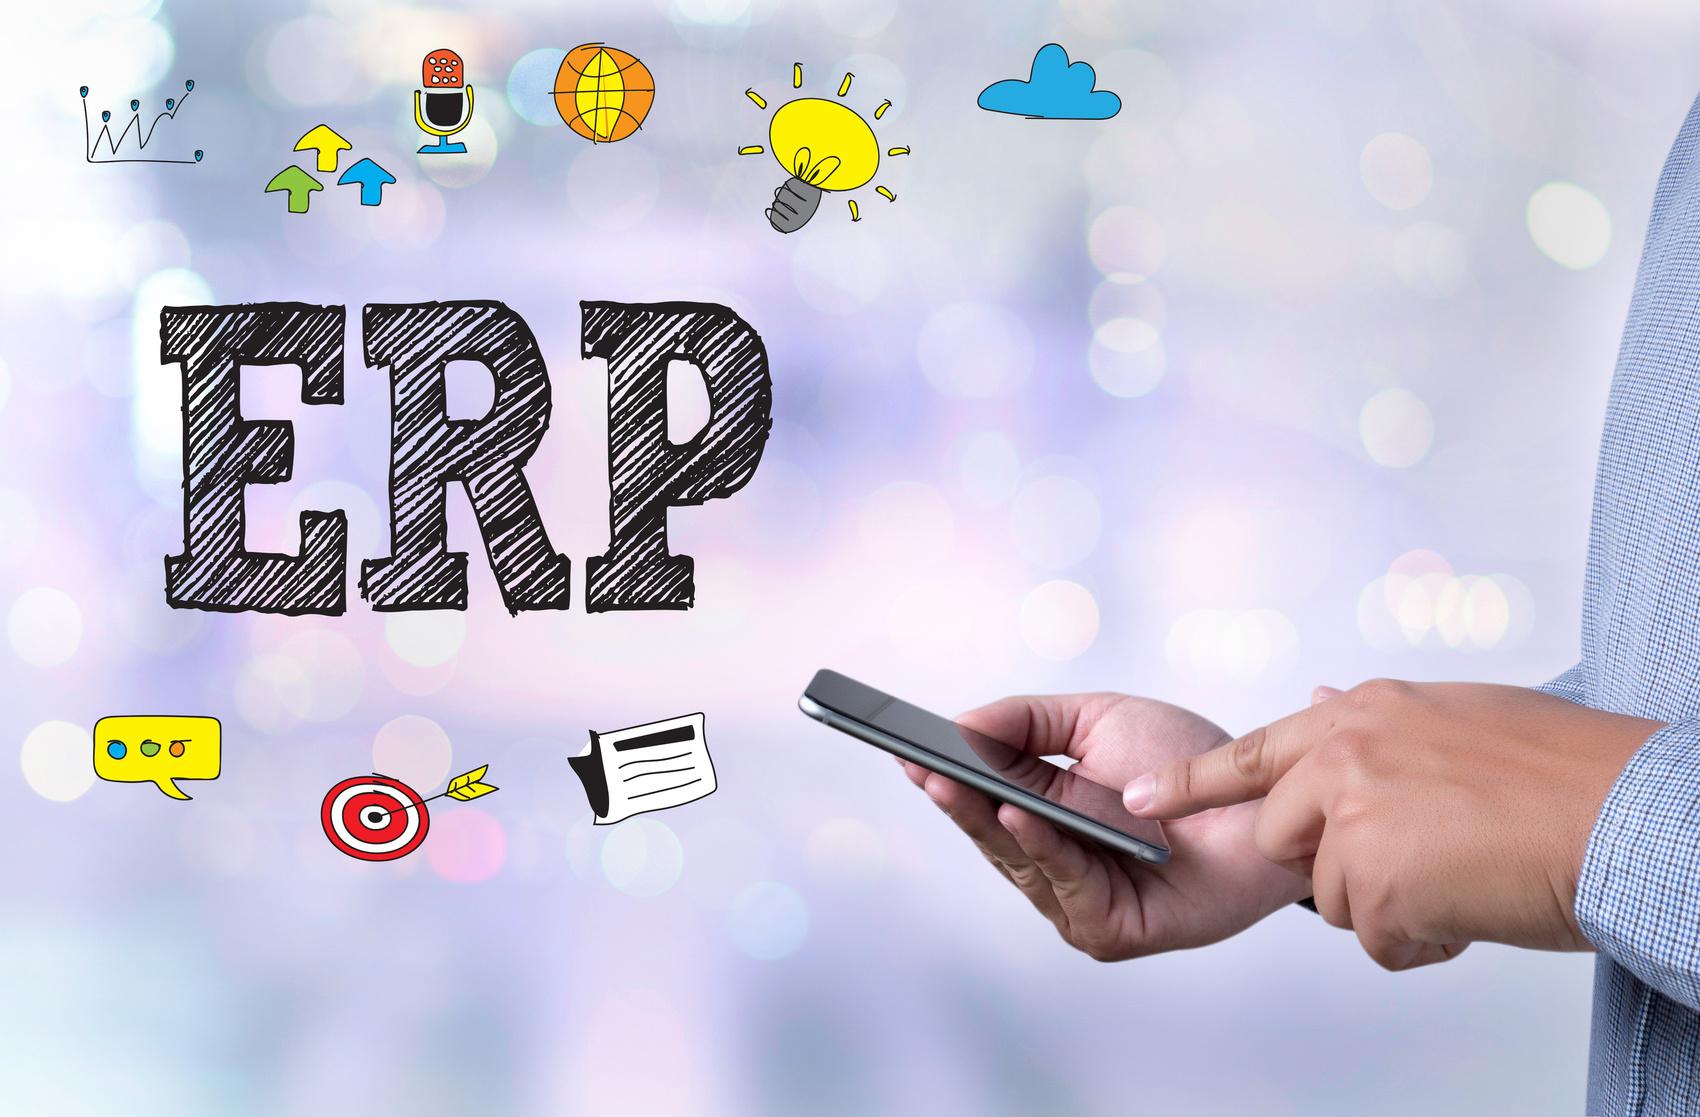 ERP導入は成功でも、運用管理が負担に。満足できる効果を得ている企業の着目点は。